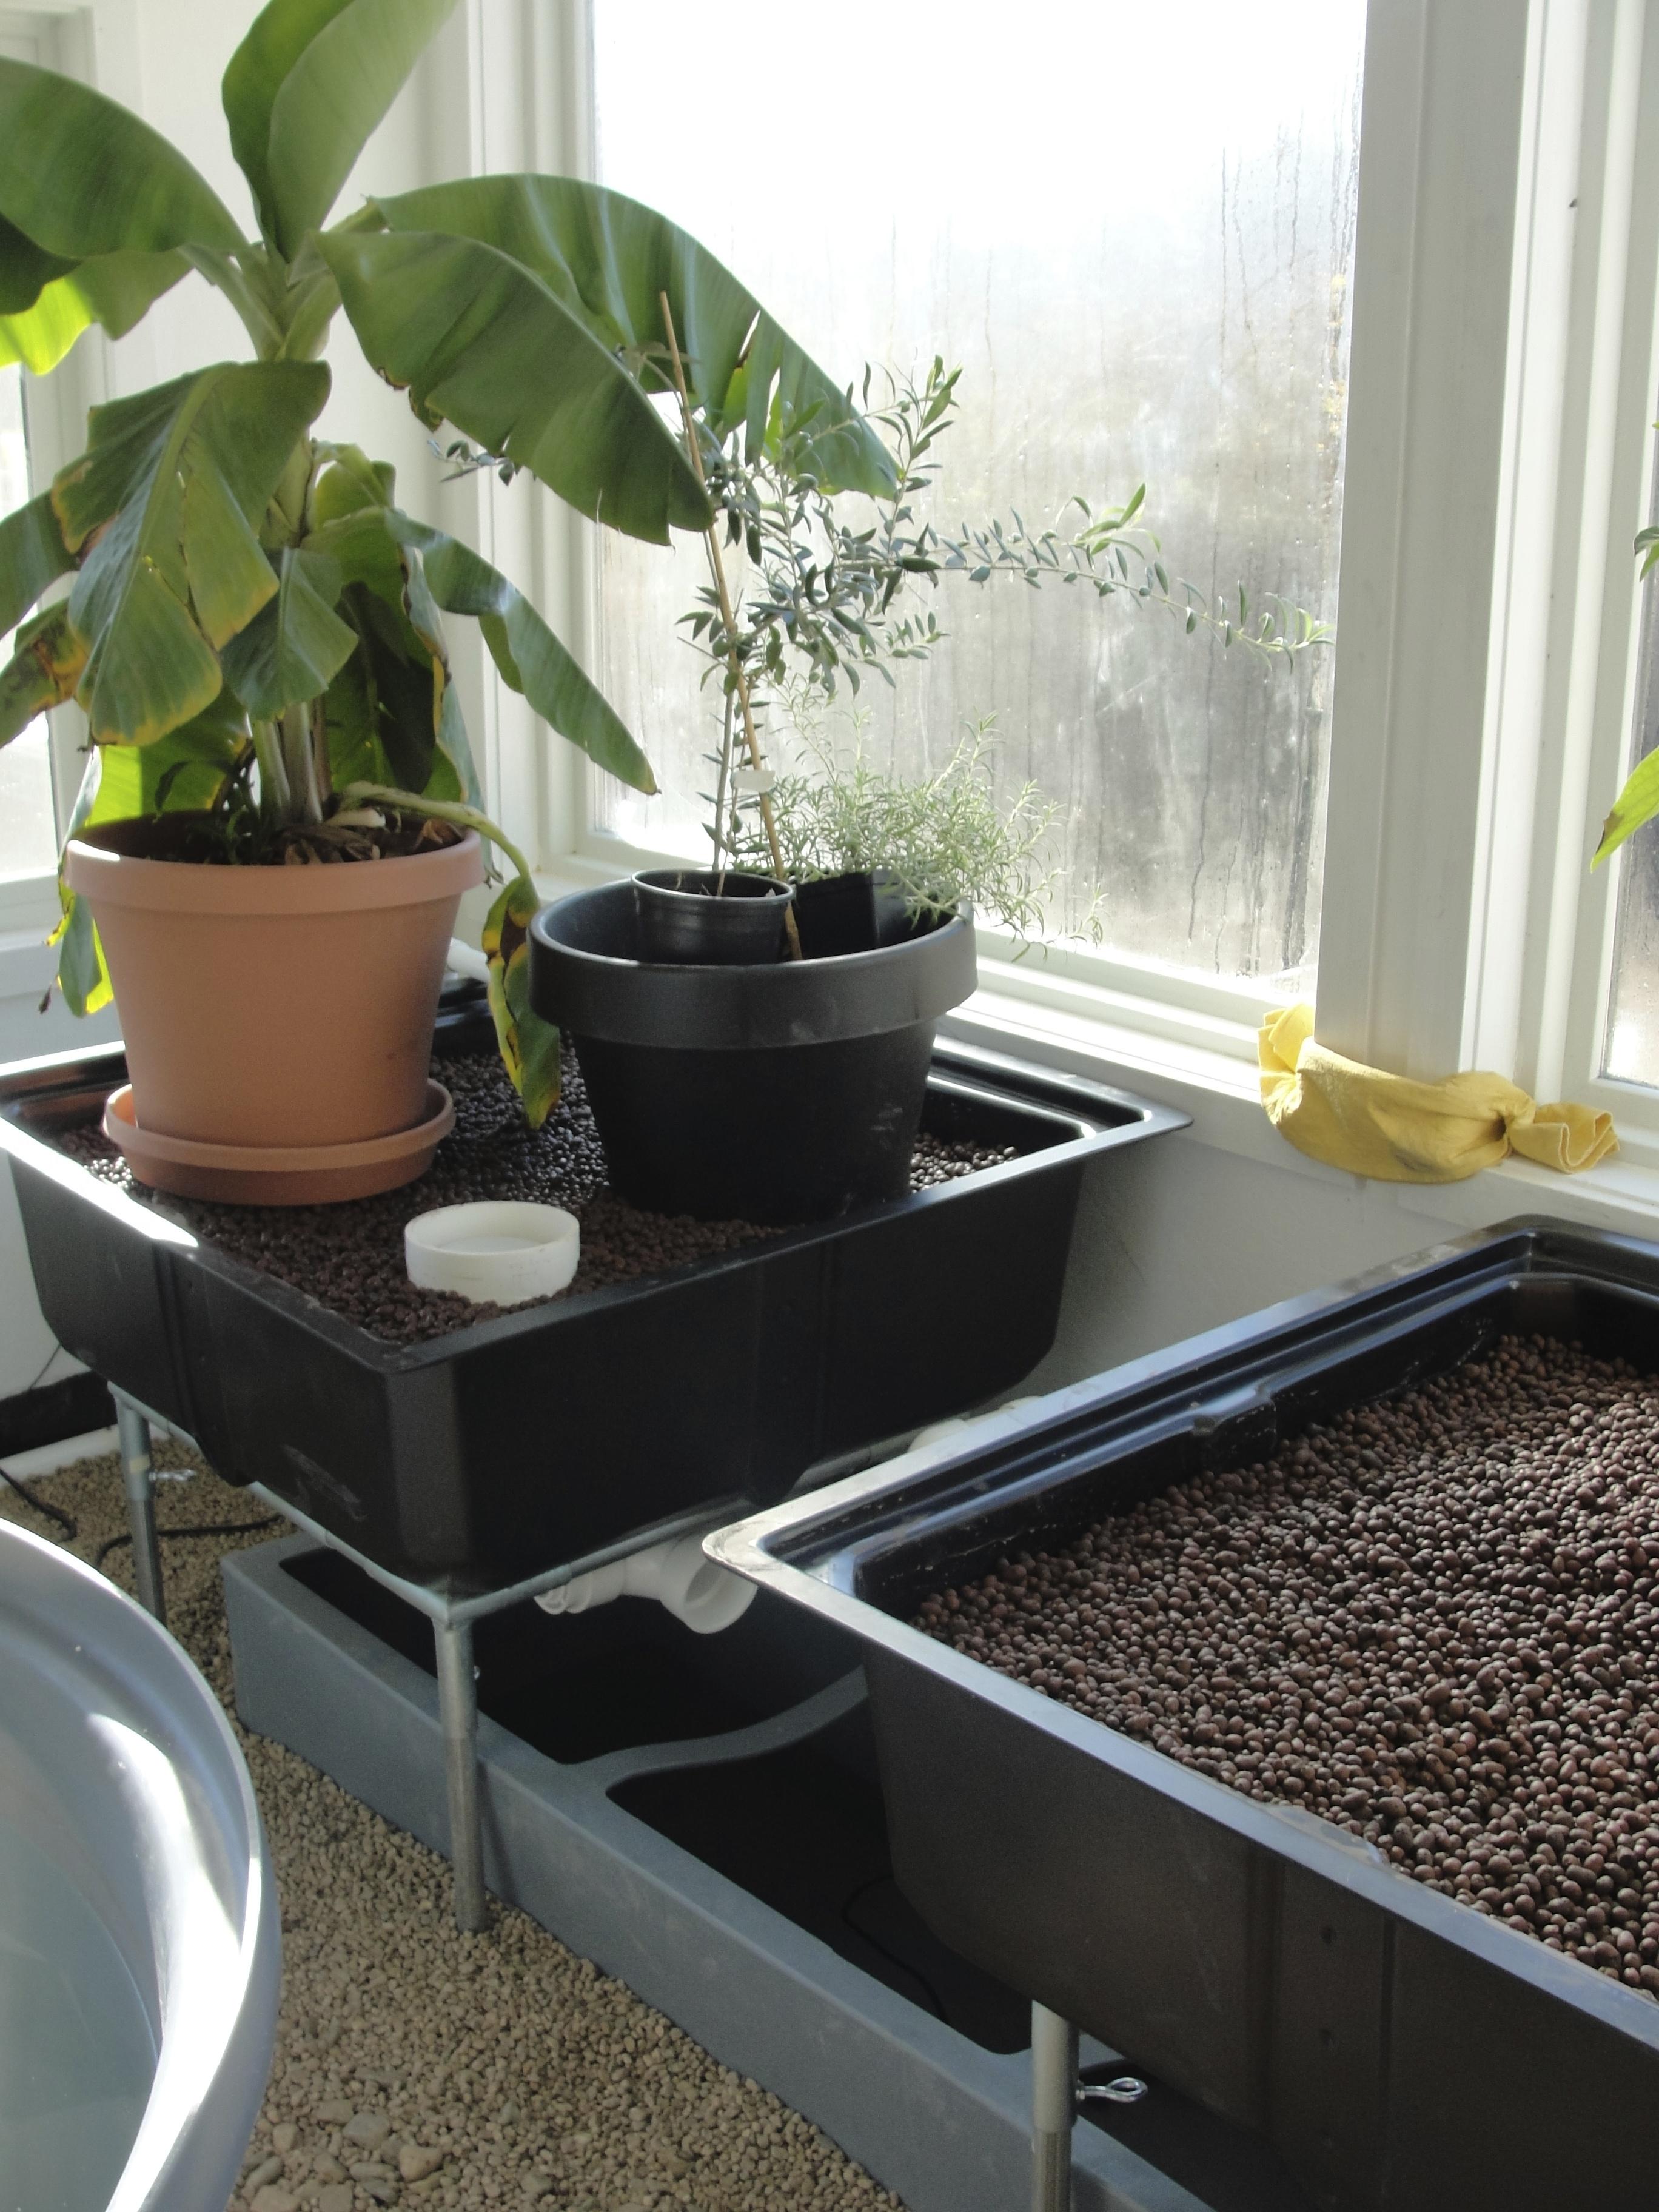 Aquaponics Greenhouse Design